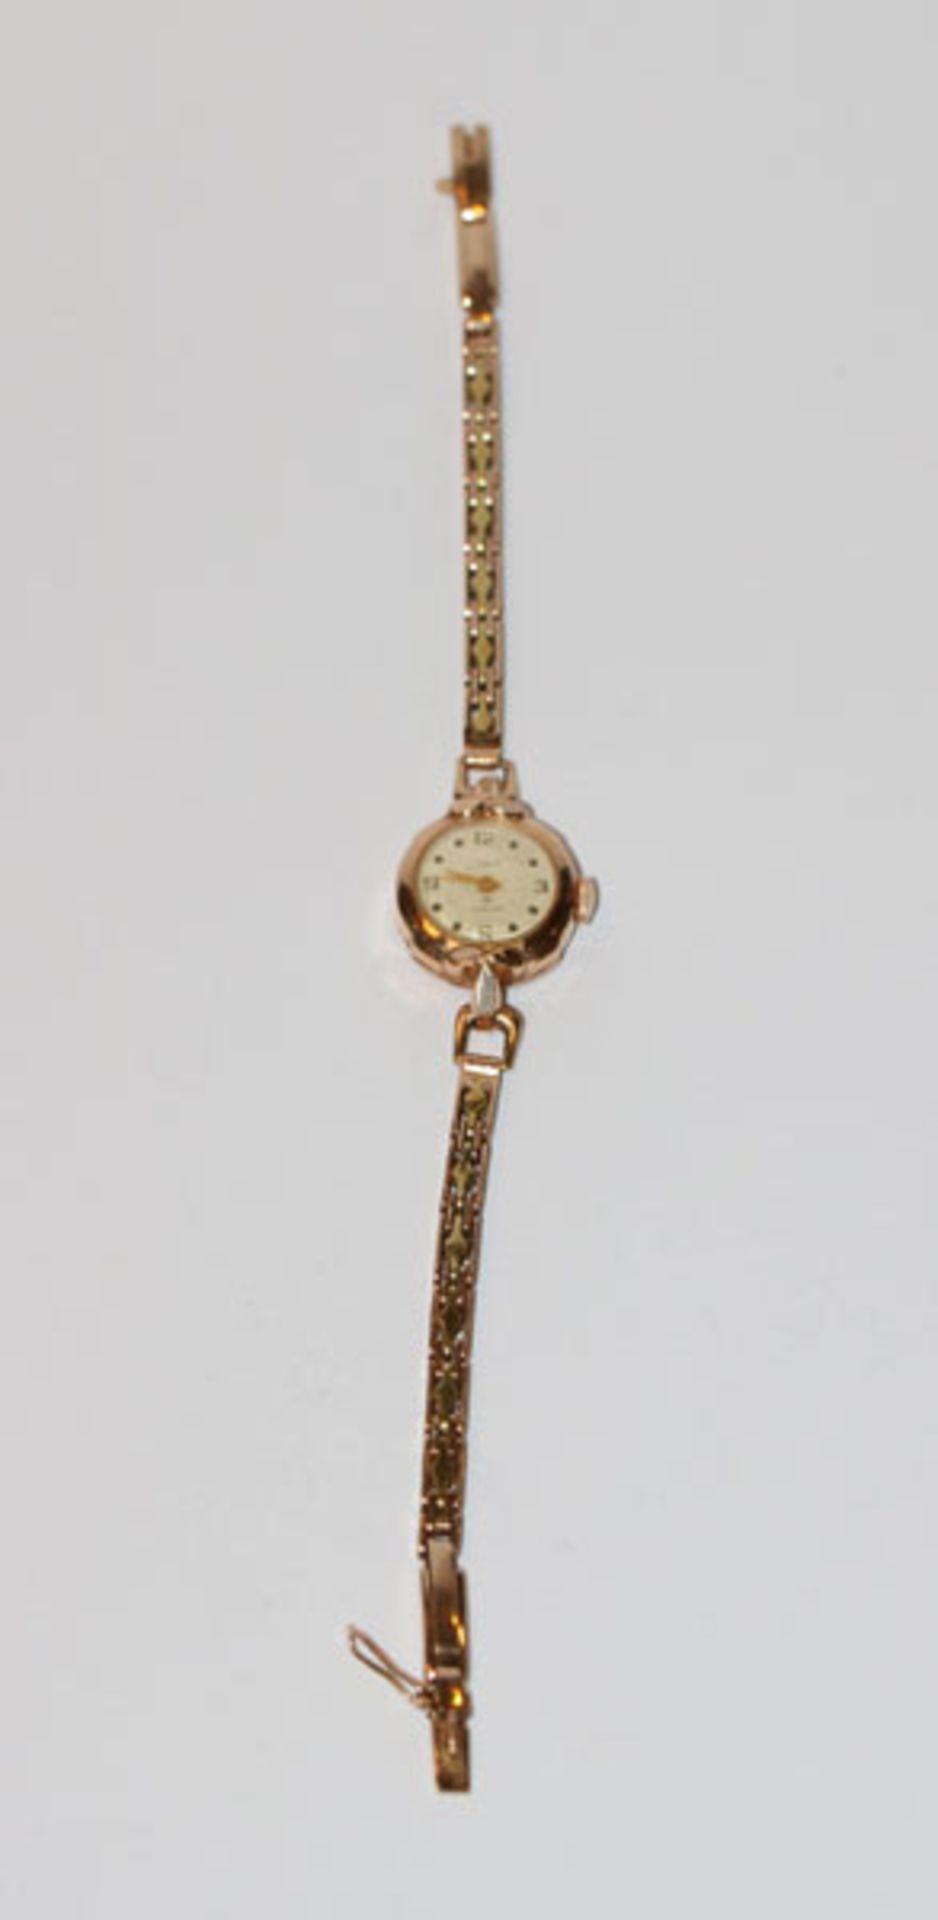 Los 26 - Russische Damen Armbanduhr, 583 Gelb- und Rosegold, 19,4 gr. mit Werk, intakt, L 18 cm, Tragespuren